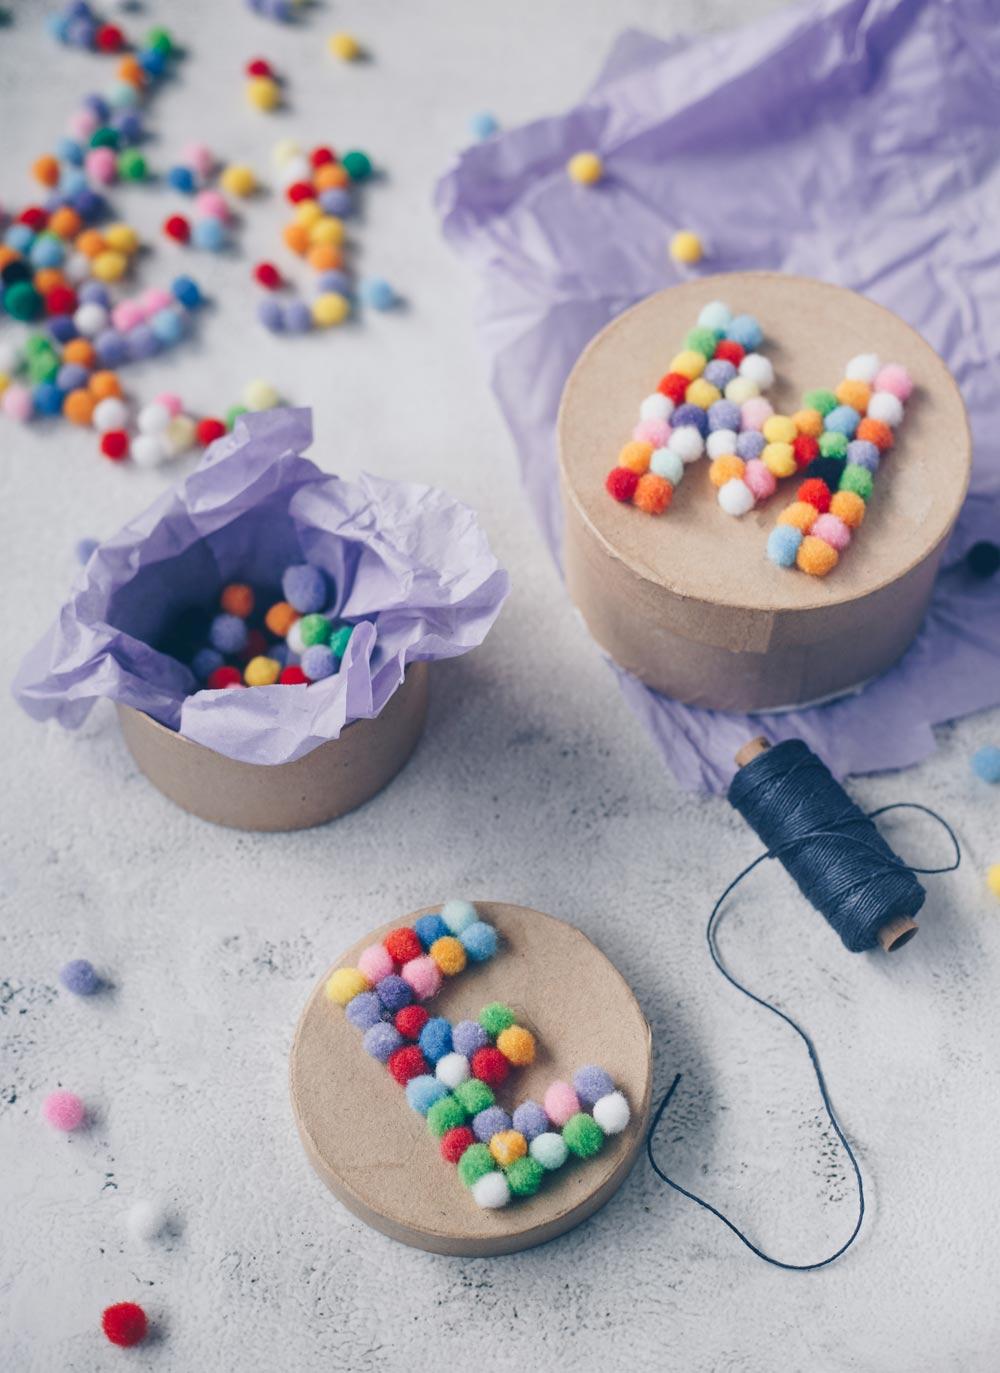 DIY Verpackungsidee - Geschenkschachteln mit Pompom Buchstaben selbermachen